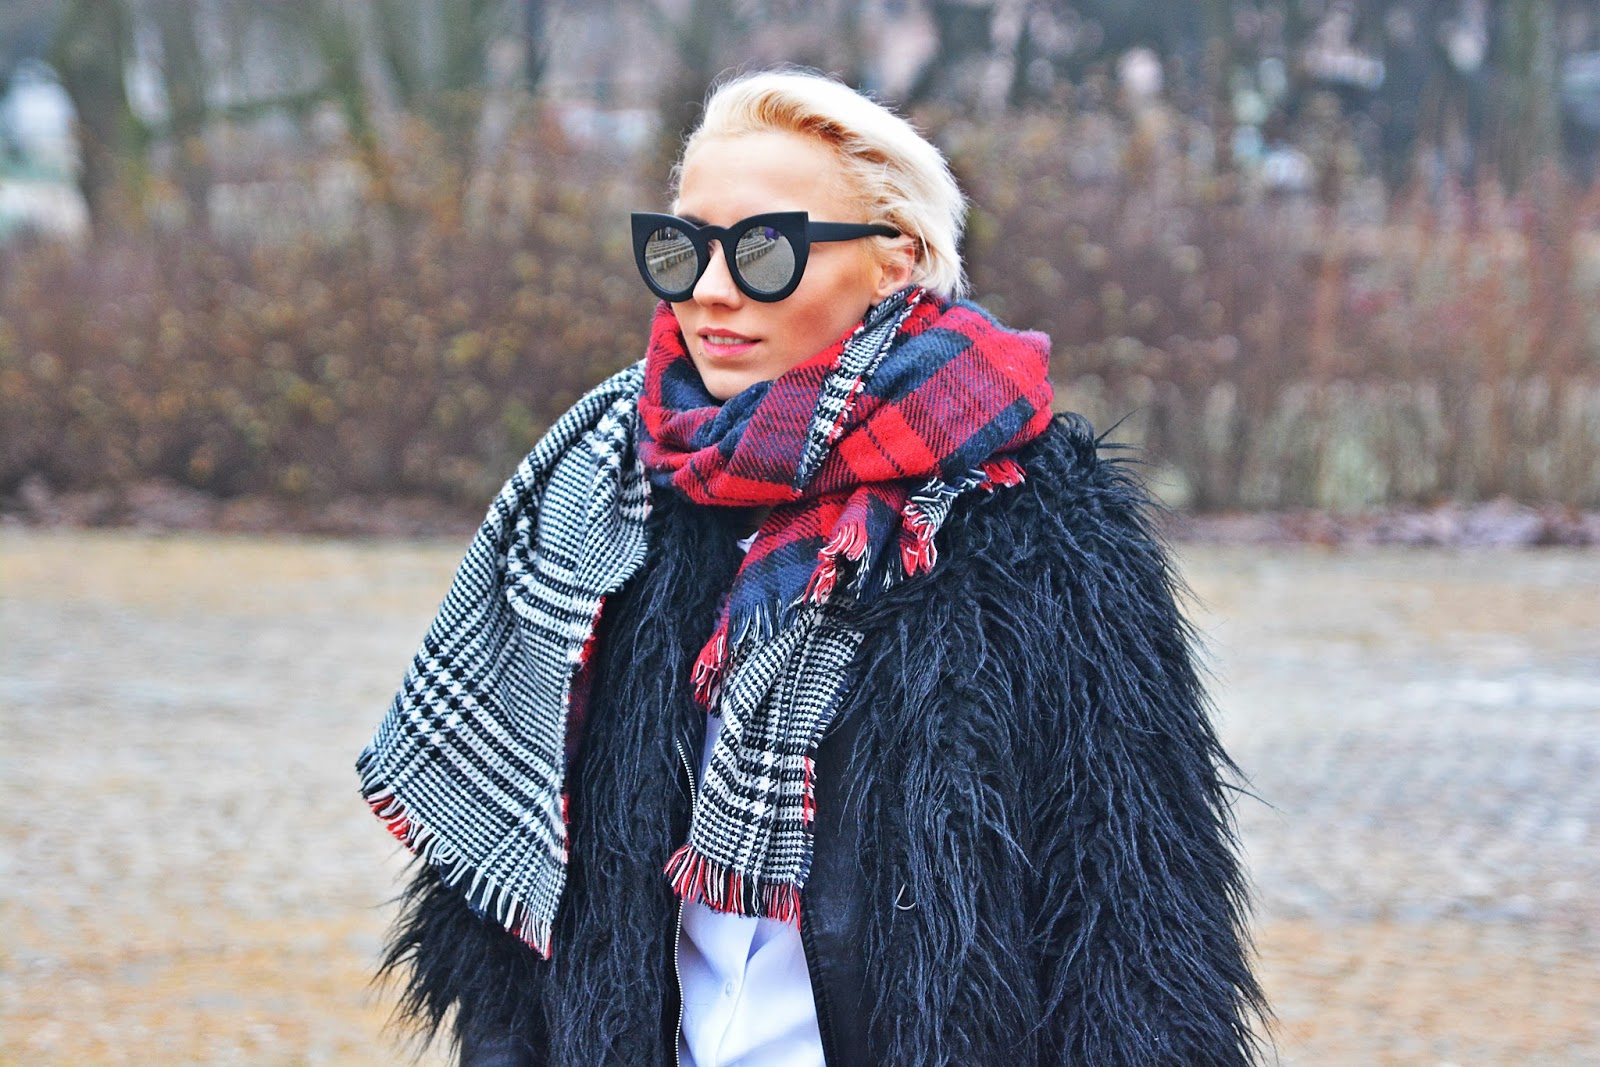 karyn_blogerka_modowa_pulawy_blog_modowy_130117a